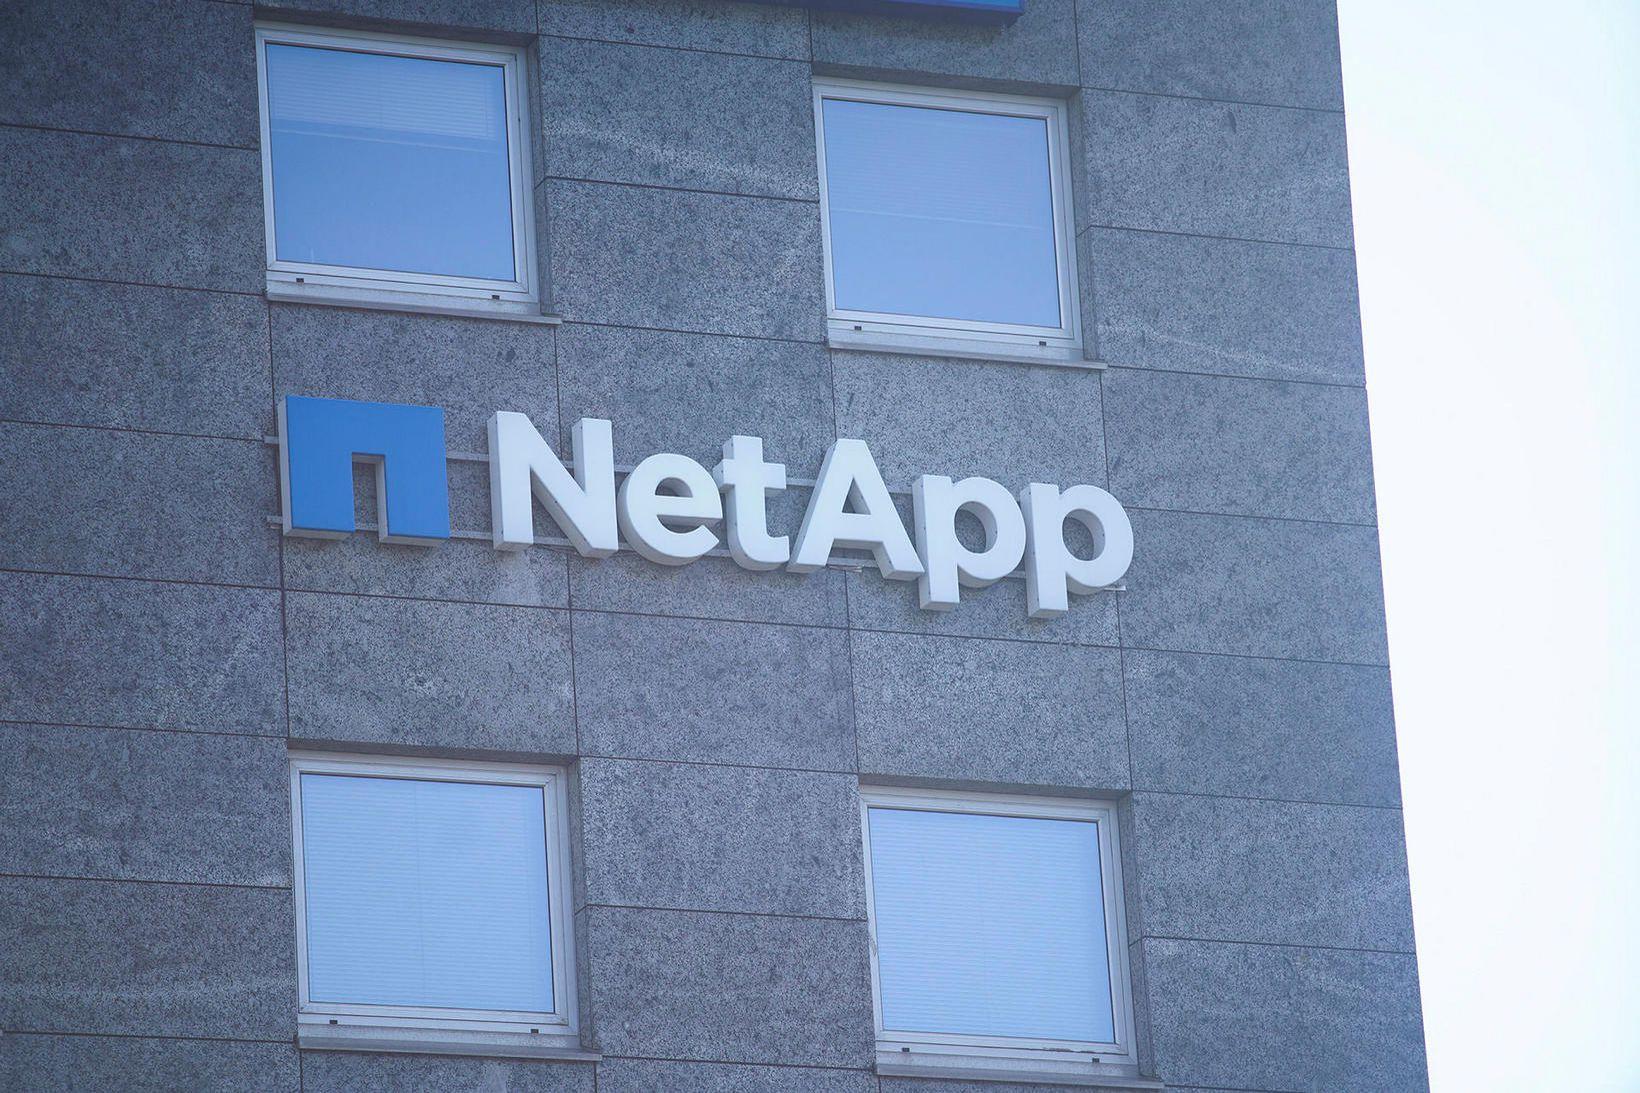 Verð hlutabréfa í NetApp tók mikið stökk þegar samningurinn við …